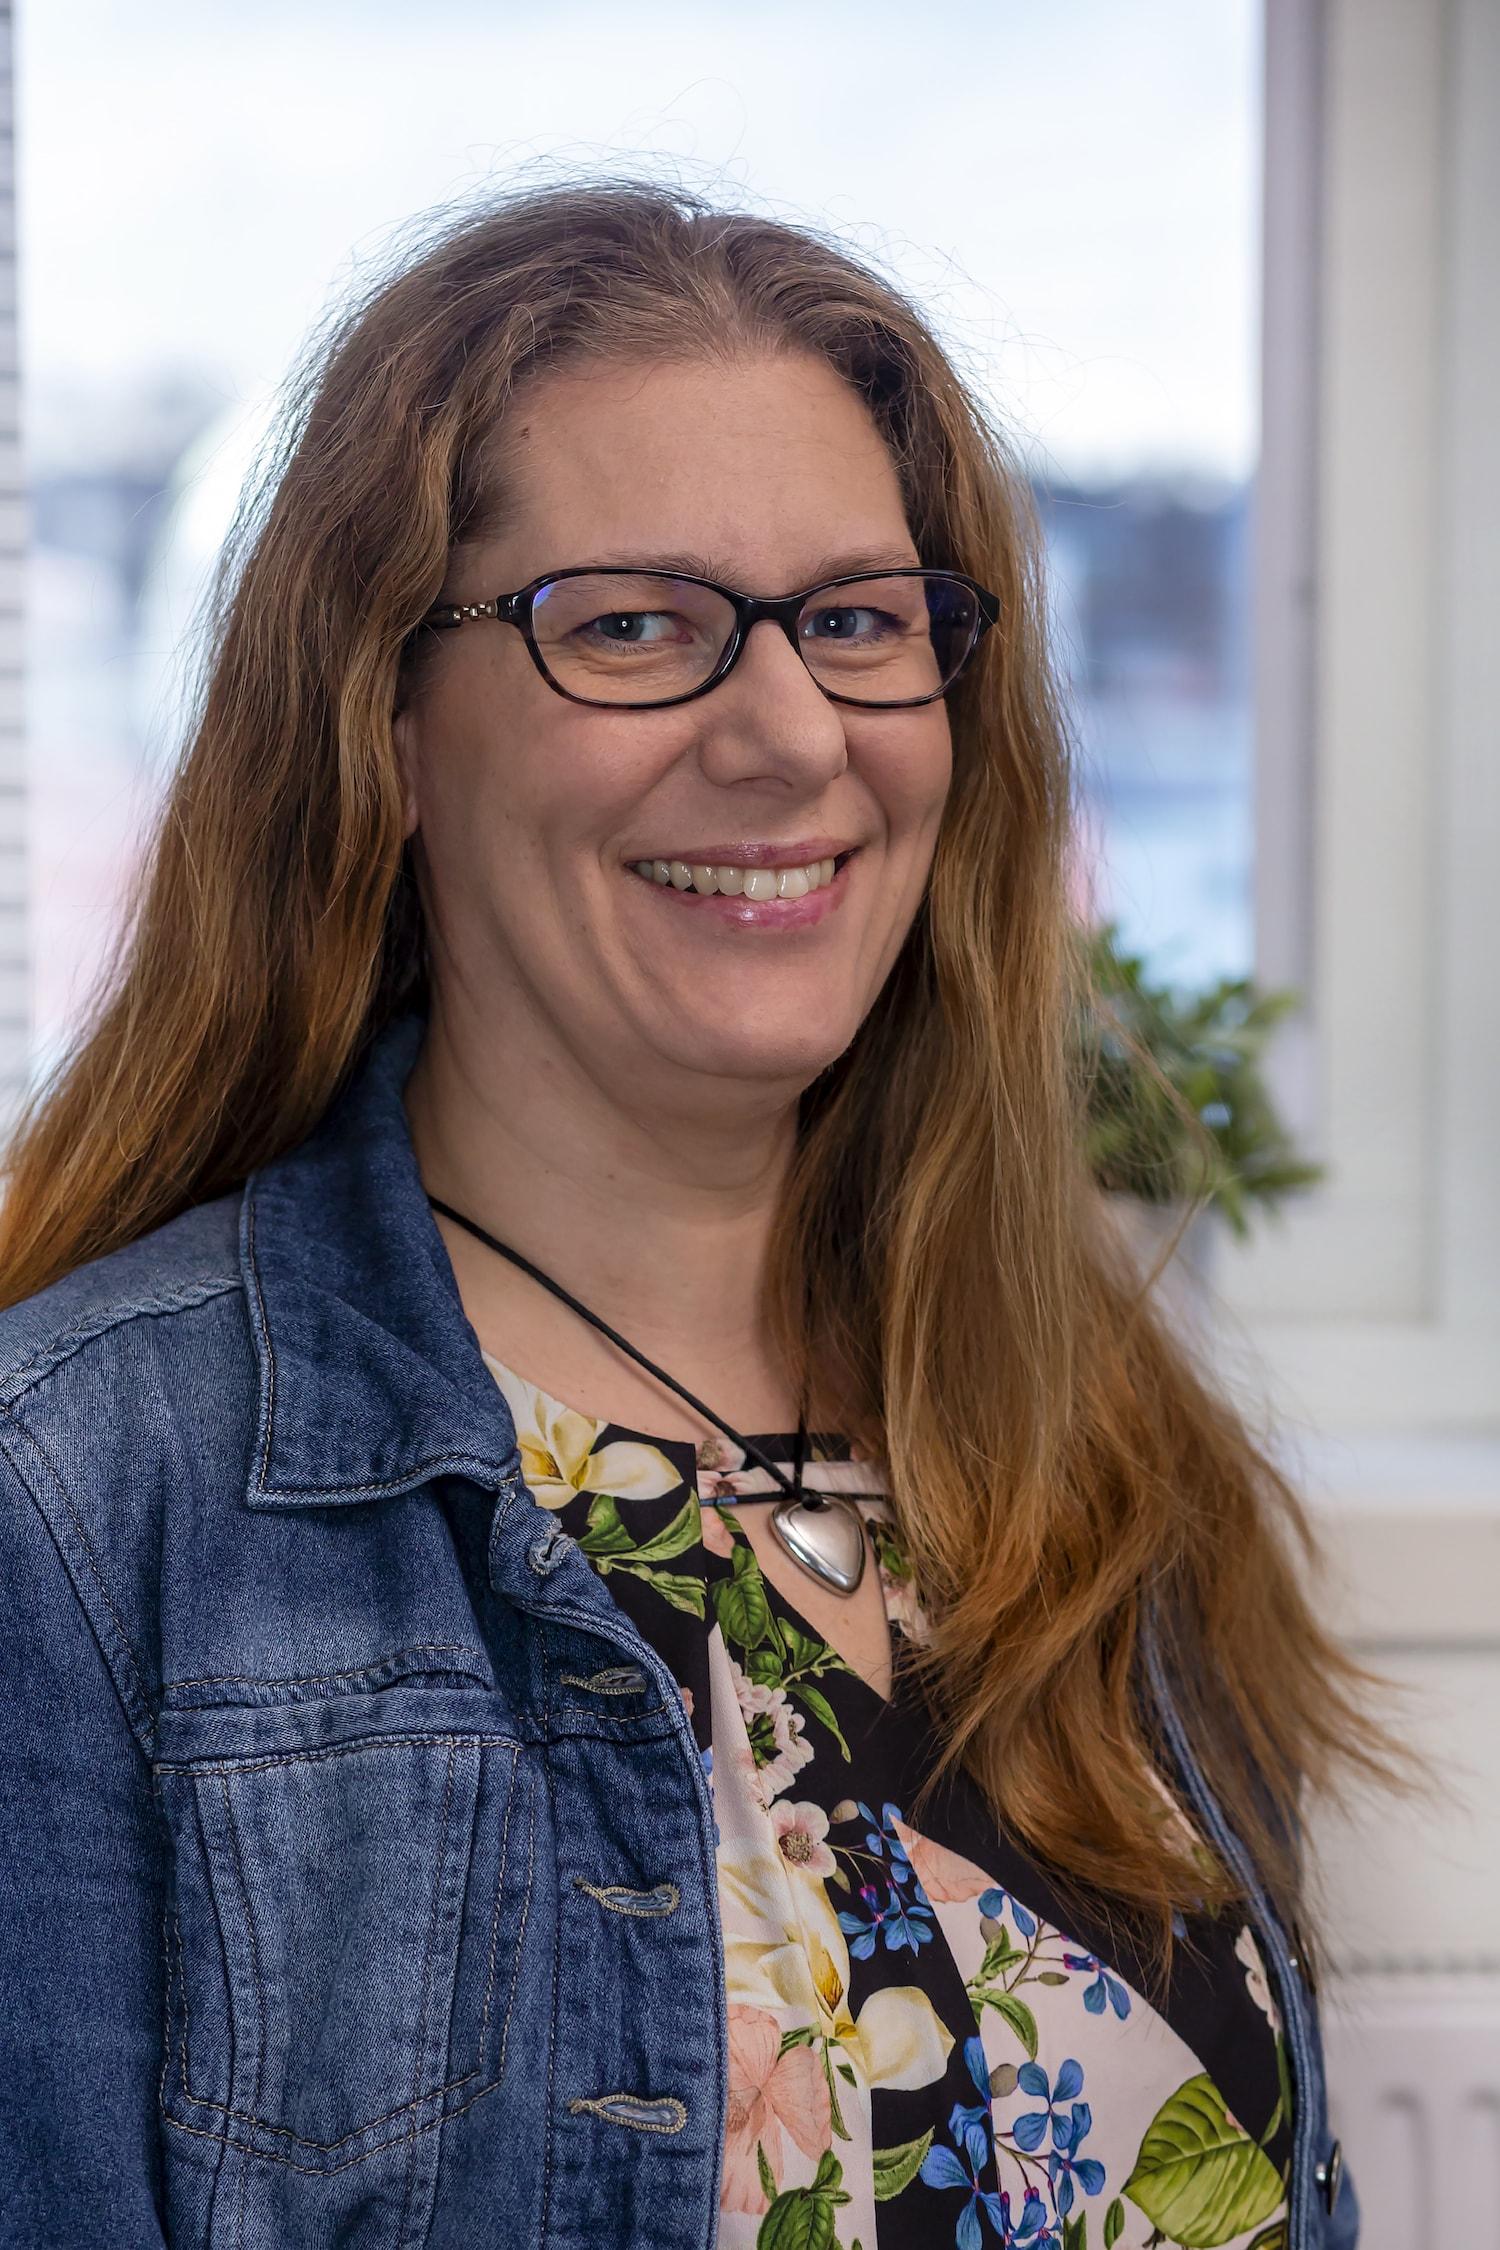 Cecilia Lilleås